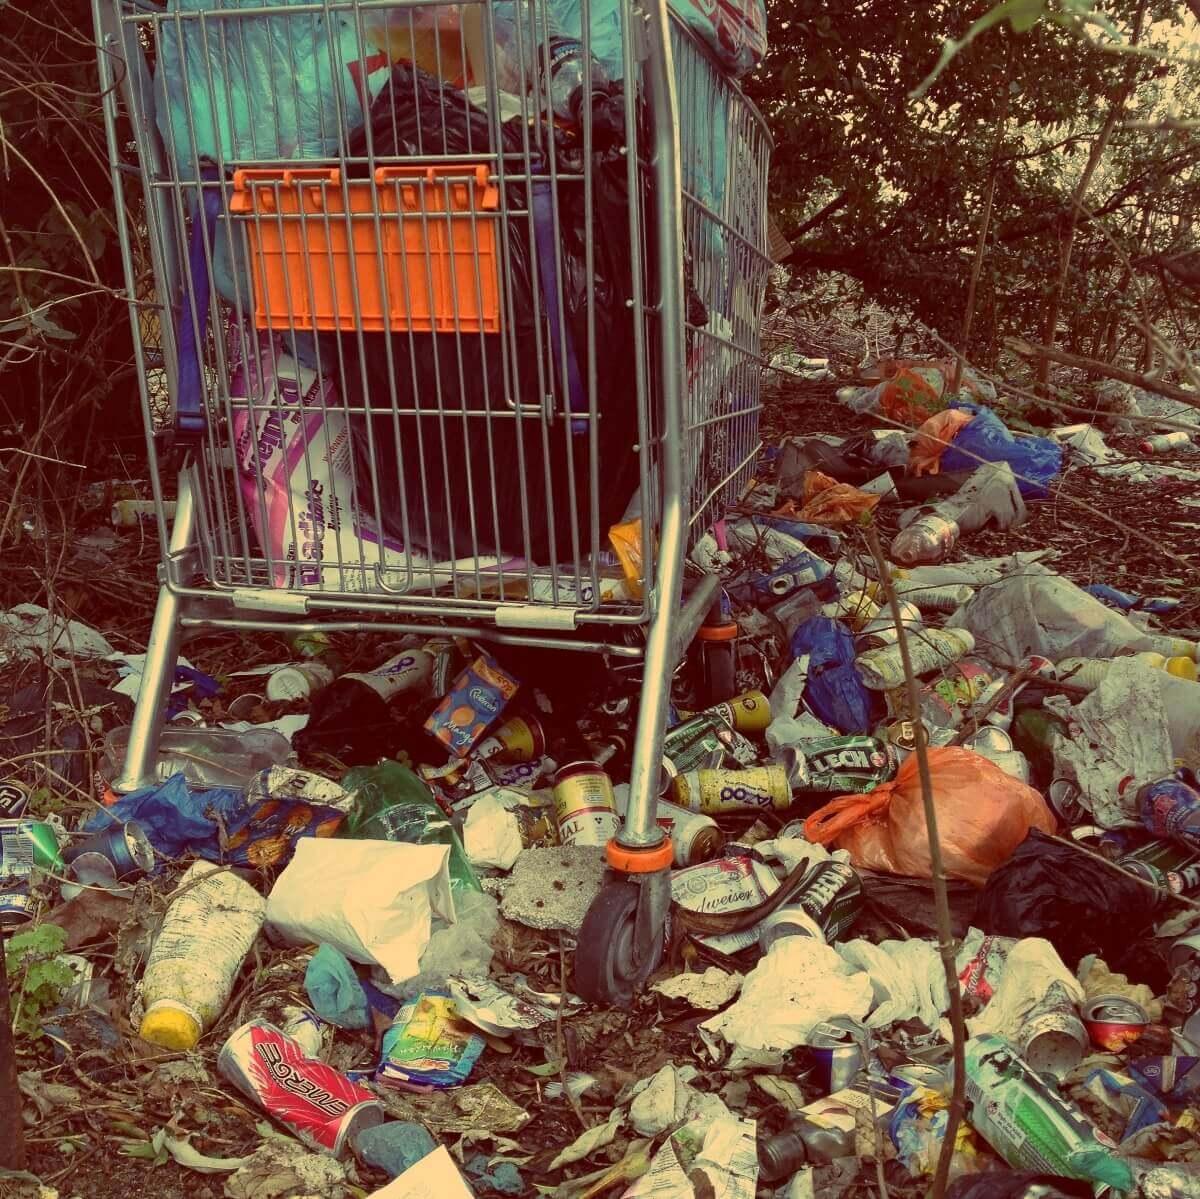 福島県郡山市のゴミ屋敷に対する条例の内容とは?過去にはゴミ屋敷火災も